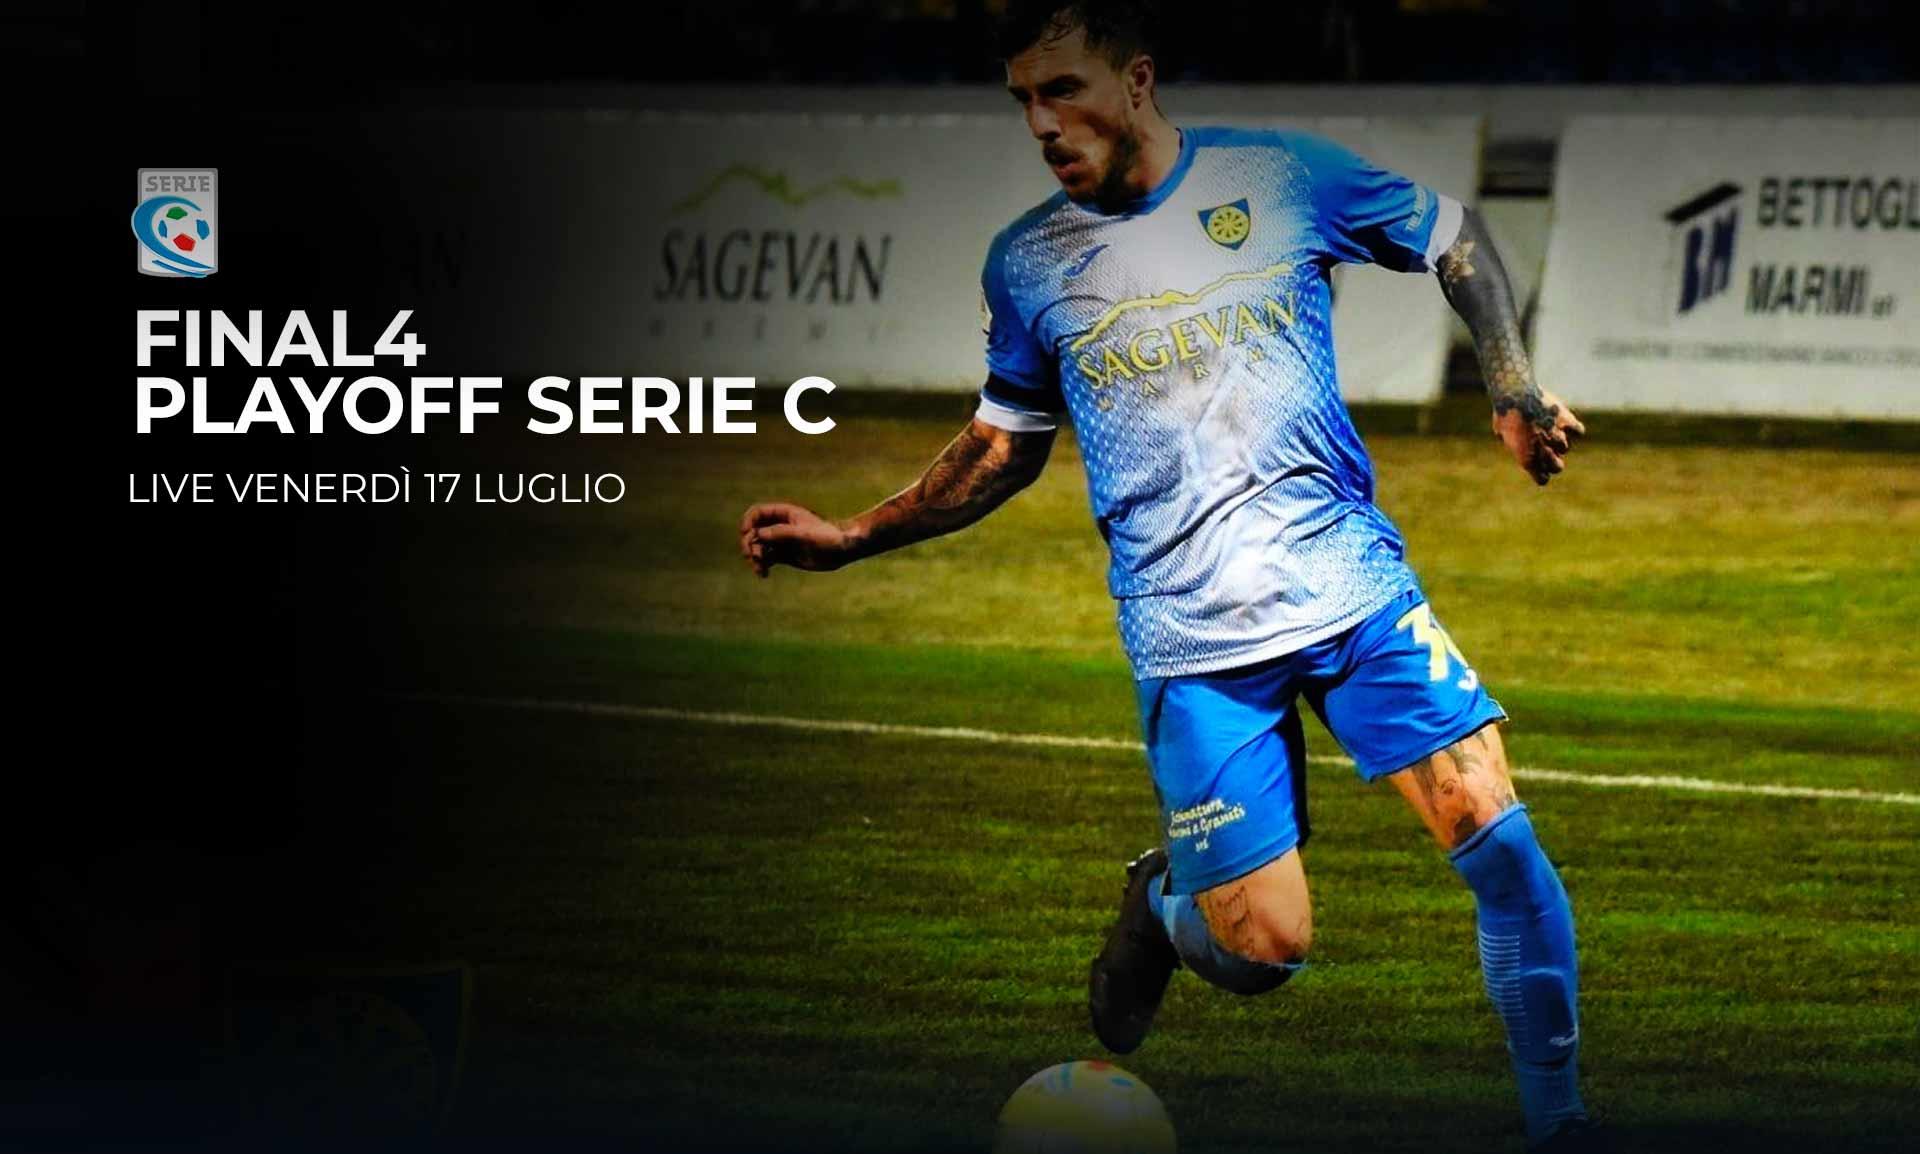 Serie C TV, Final 4 Semifinale - Programma e Telecronisti Eleven Sports